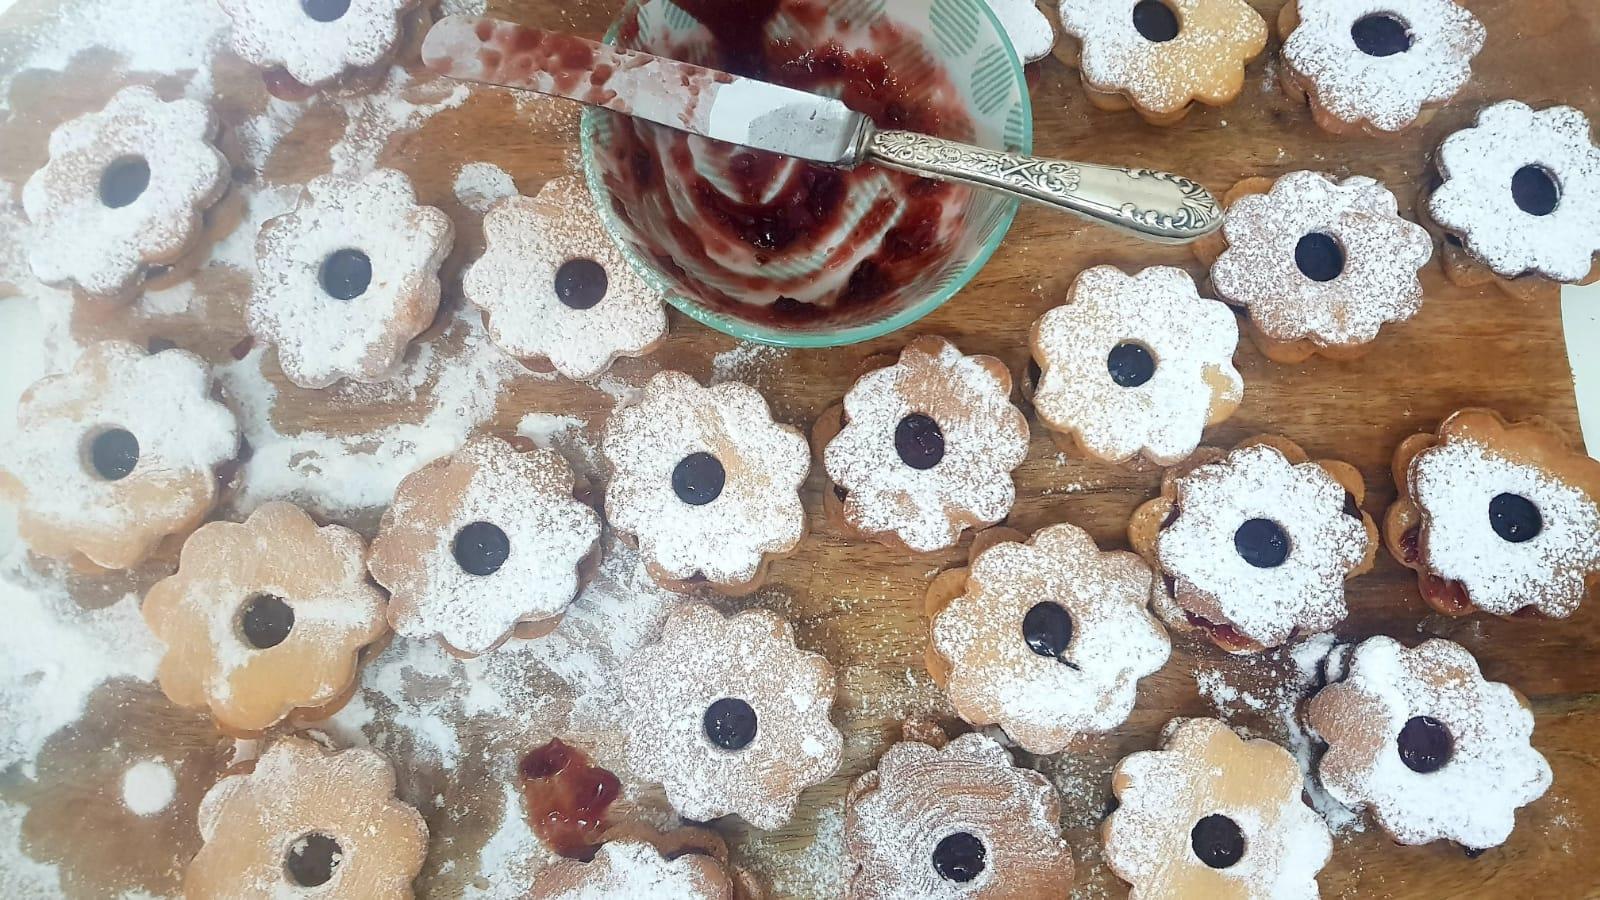 עוגיות ריבה. צילום: סיגל דרעי כשר